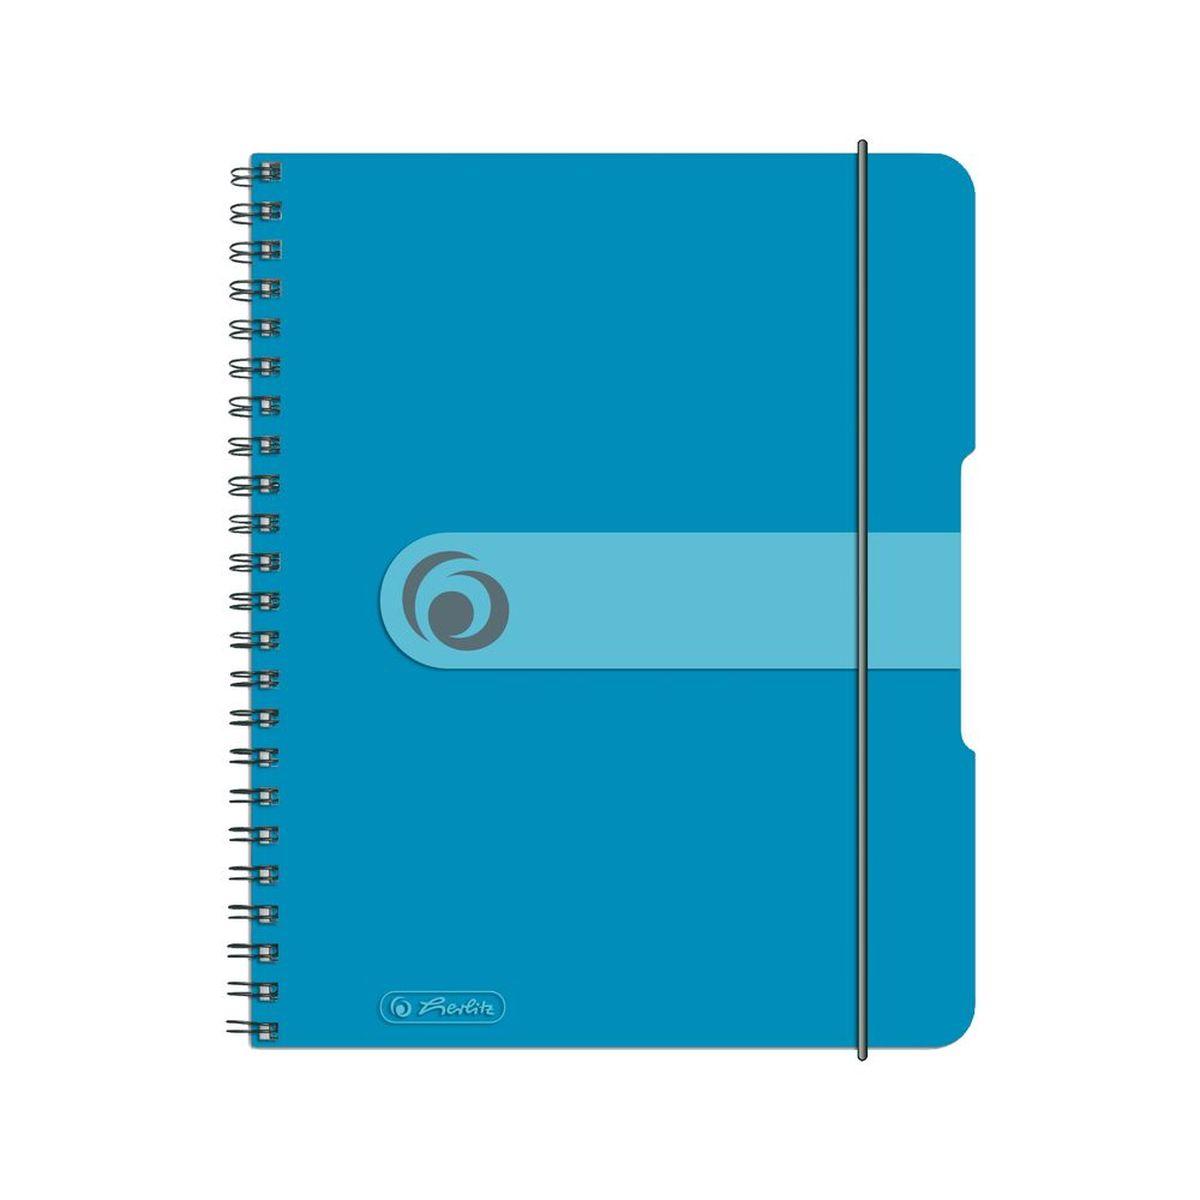 Herlitz Блокнот Easy Orga To Go 80 листов в клетку формат А5 цвет голубойPP-301Удобный блокнот от Herlitz Easy Orga To Go - незаменимый атрибут современного человека, необходимый для рабочих или школьных записей.Блокнот содержит 80 листов формата А5 в клетку без полей. Обложка выполнена из качественного полипропилена. Внутренний спиральный блок изготовлен из металла и гарантирует надежное крепление листов. Блокнот имеет закругленные углы и нежный дизайн бордового цвета.Блокнот для записей от Herlitz Easy Orga To Go станет достойным аксессуаром среди ваших канцелярских принадлежностей. Это отличный подарок как коллеге или деловому партнеру, так и близким людям.